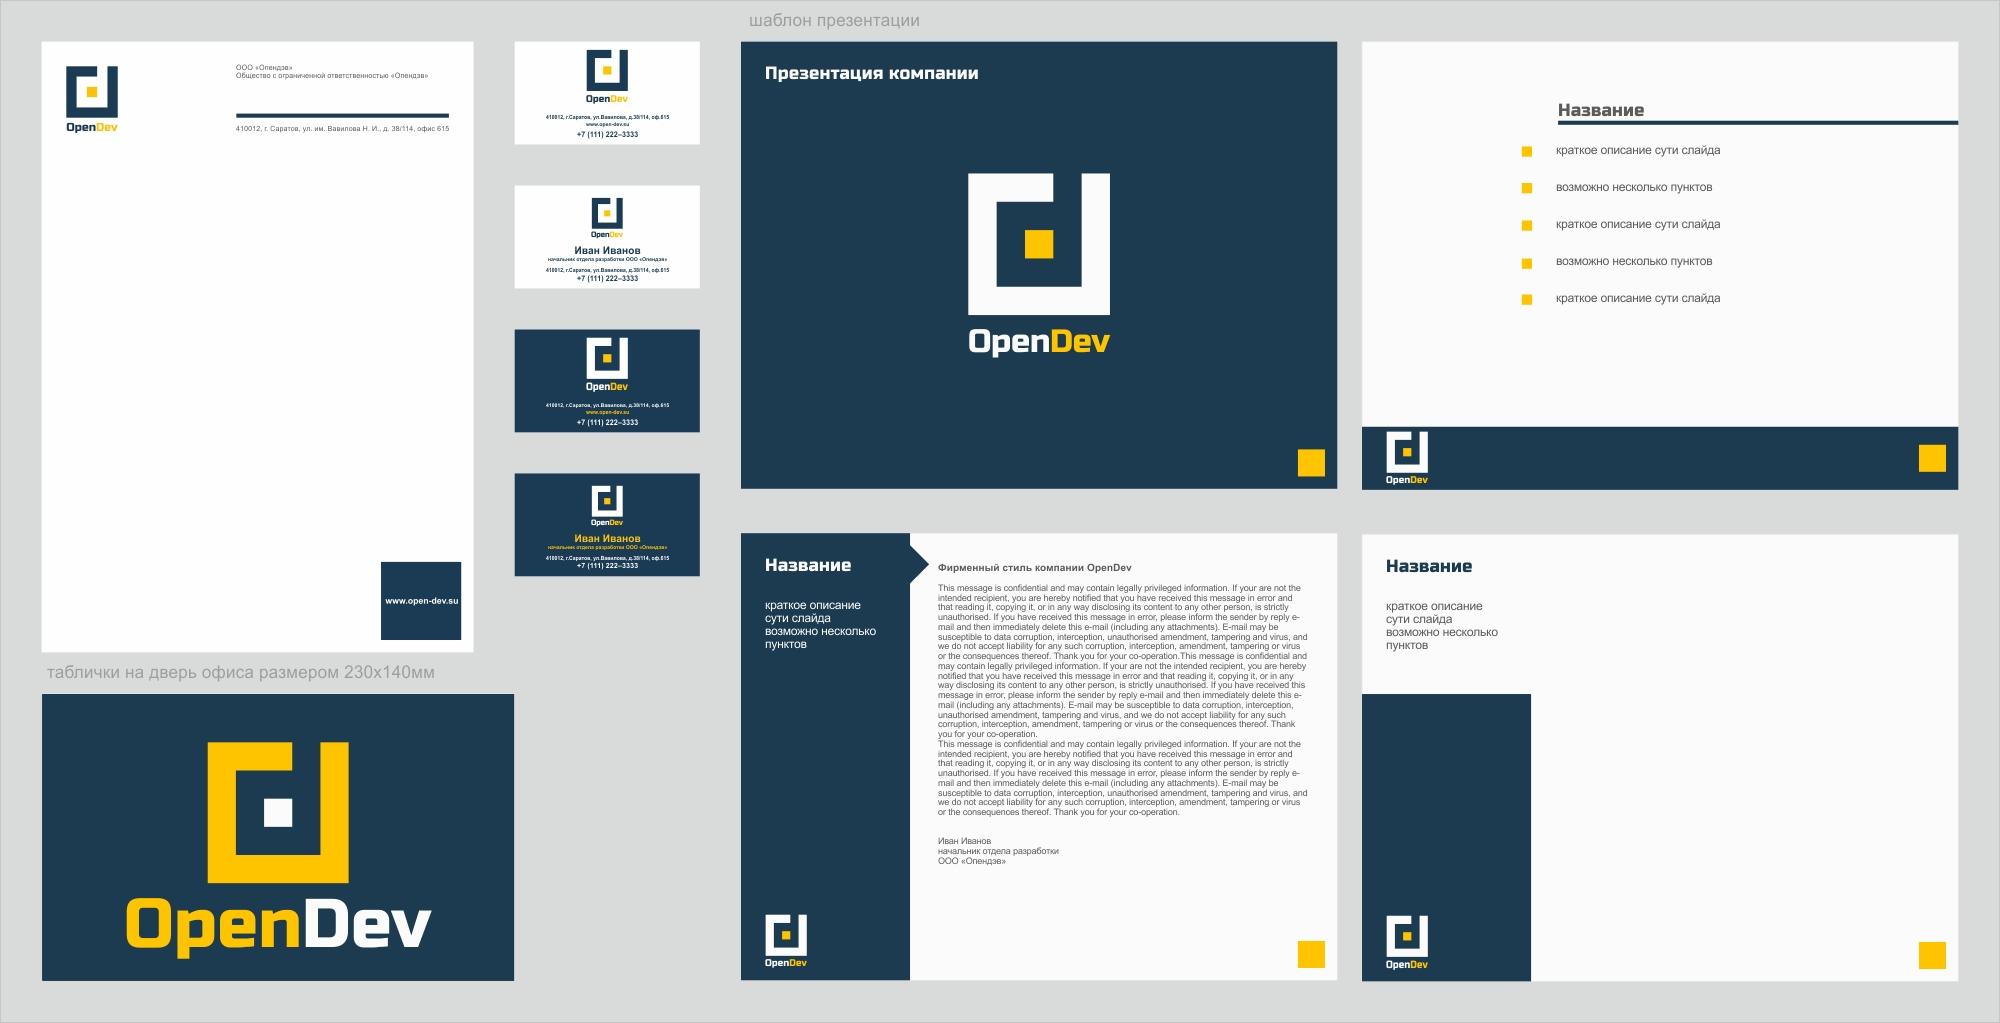 Open-dev